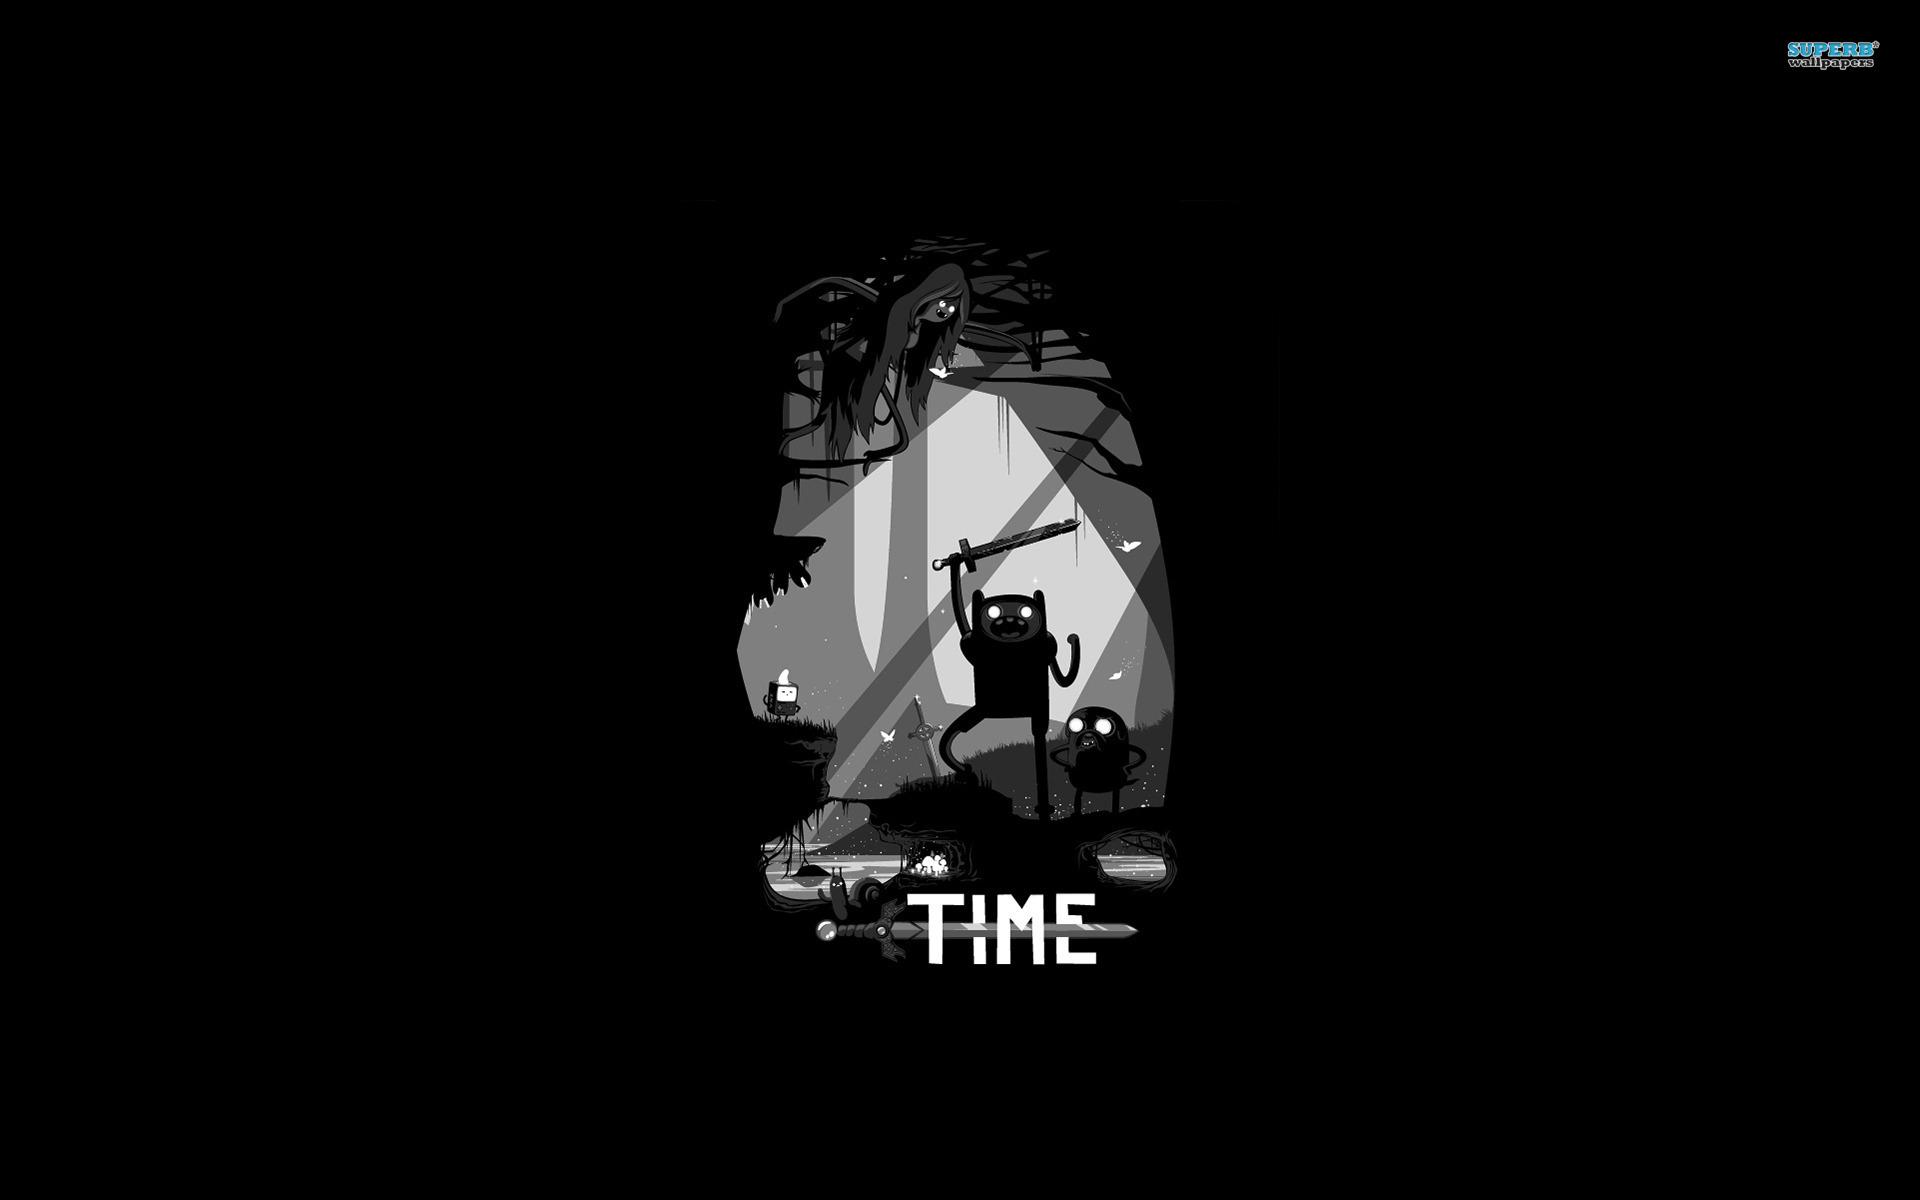 Zelda Adventure Time wallpaper 1920x1200 jpg